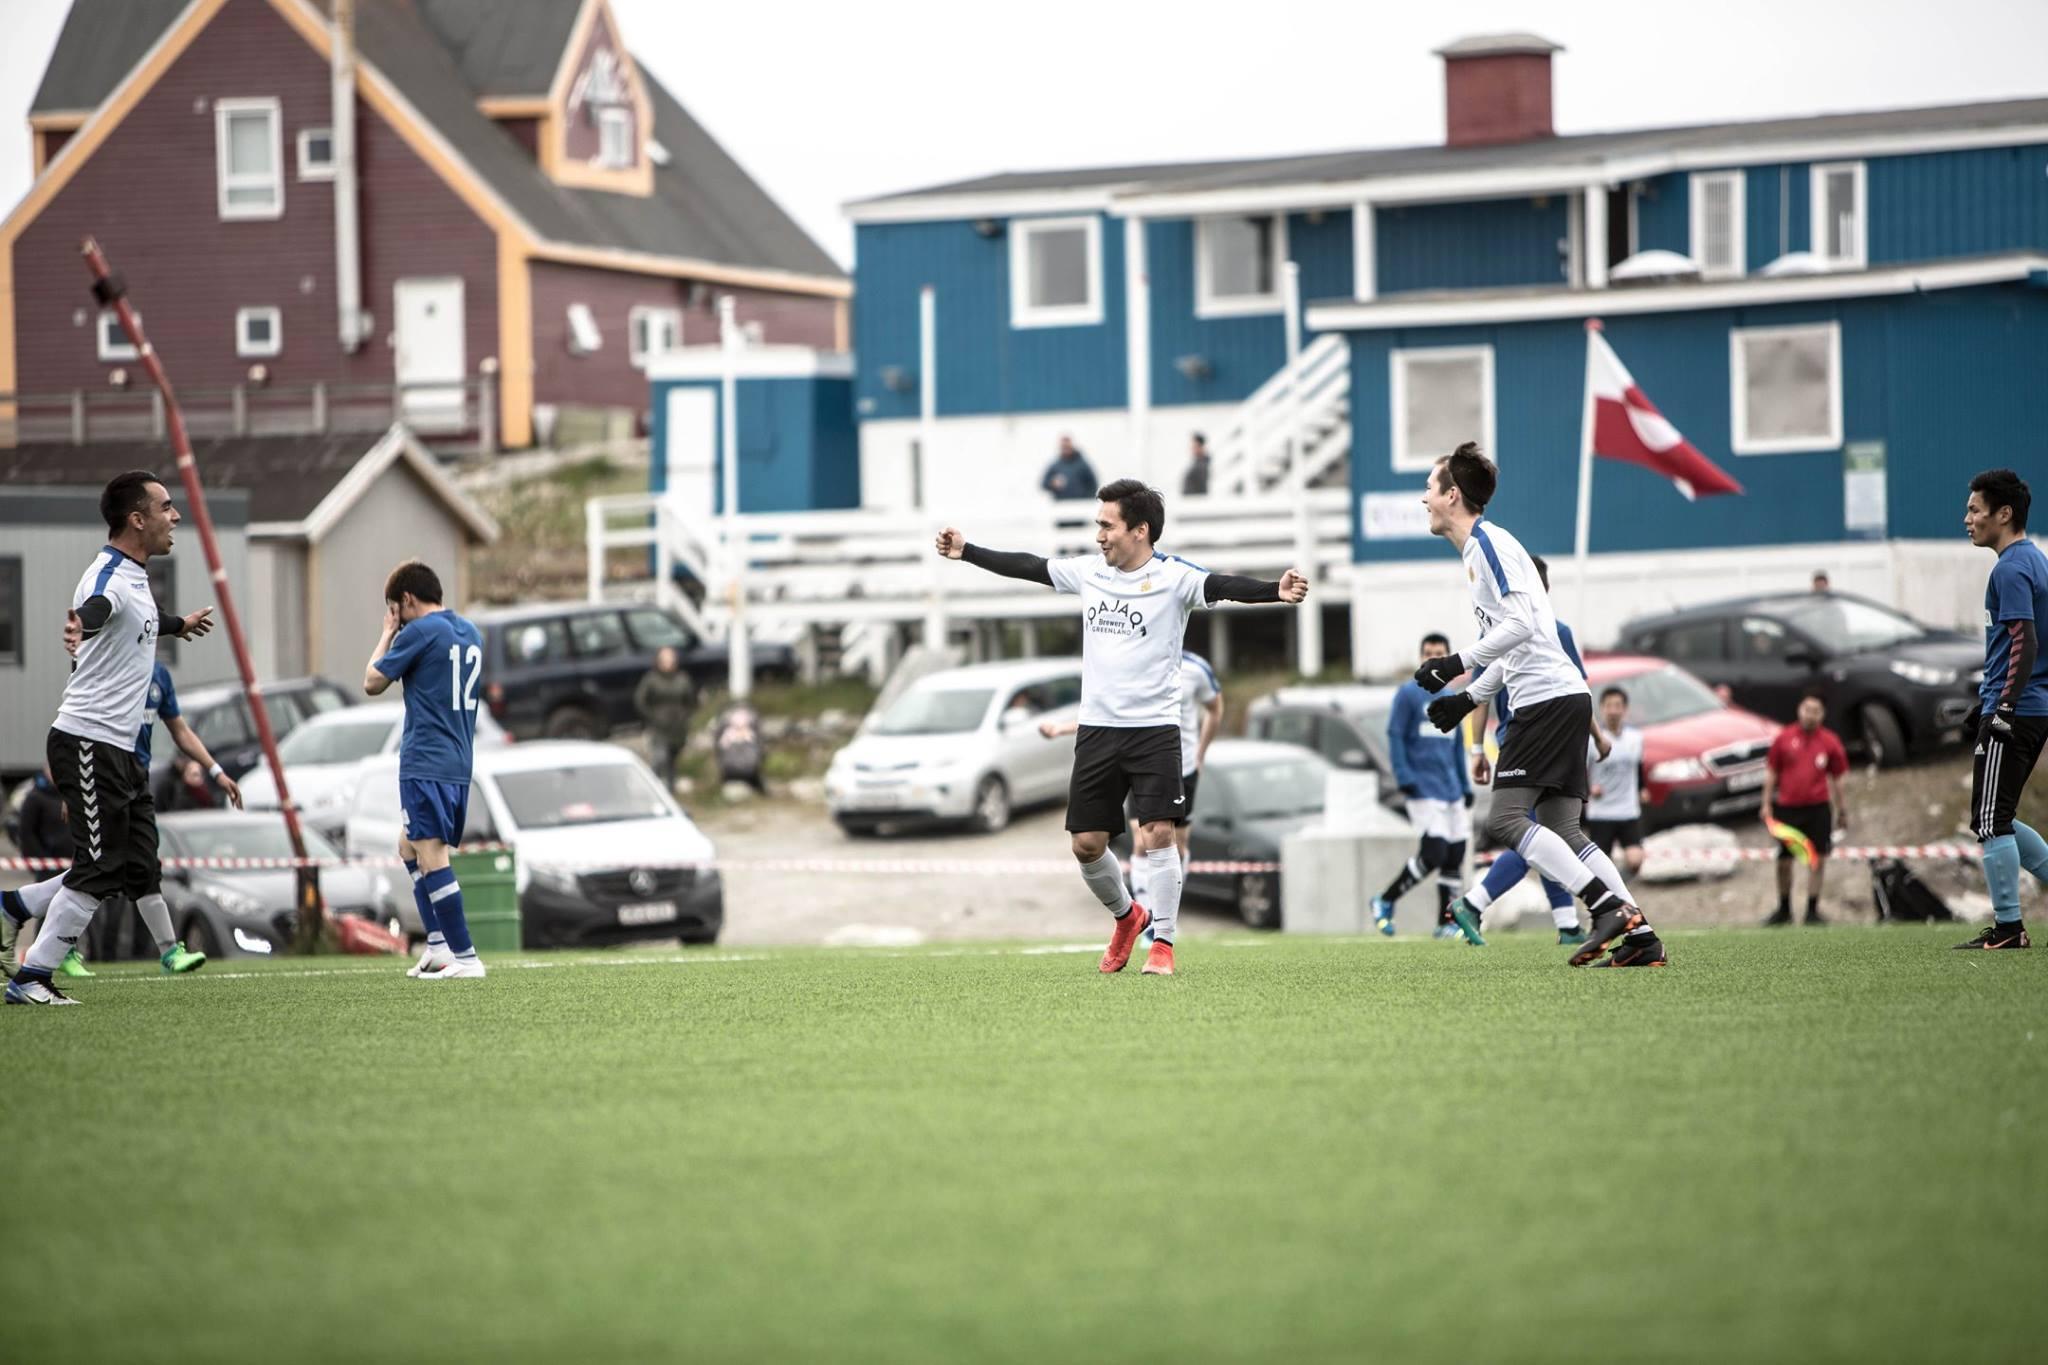 Самое короткое футбольное соревнование в мире: в Гренландии сезон длится одну неделю (+Фото, Видео) - изображение 4